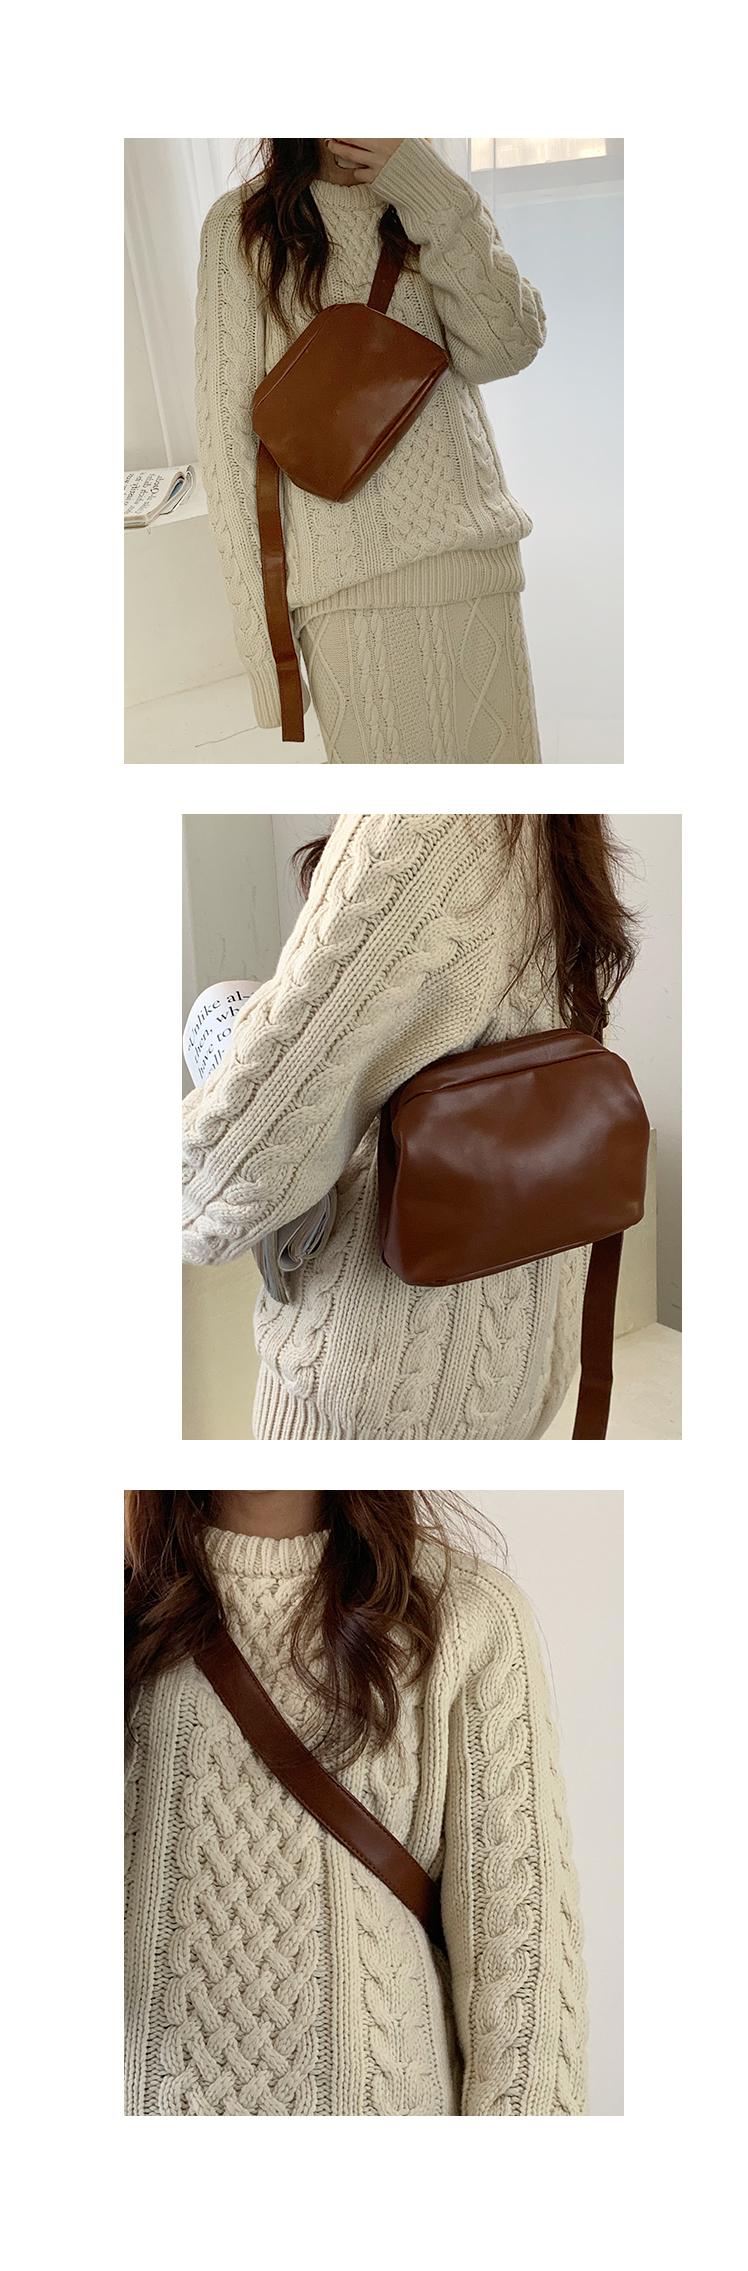 Baron waist bag